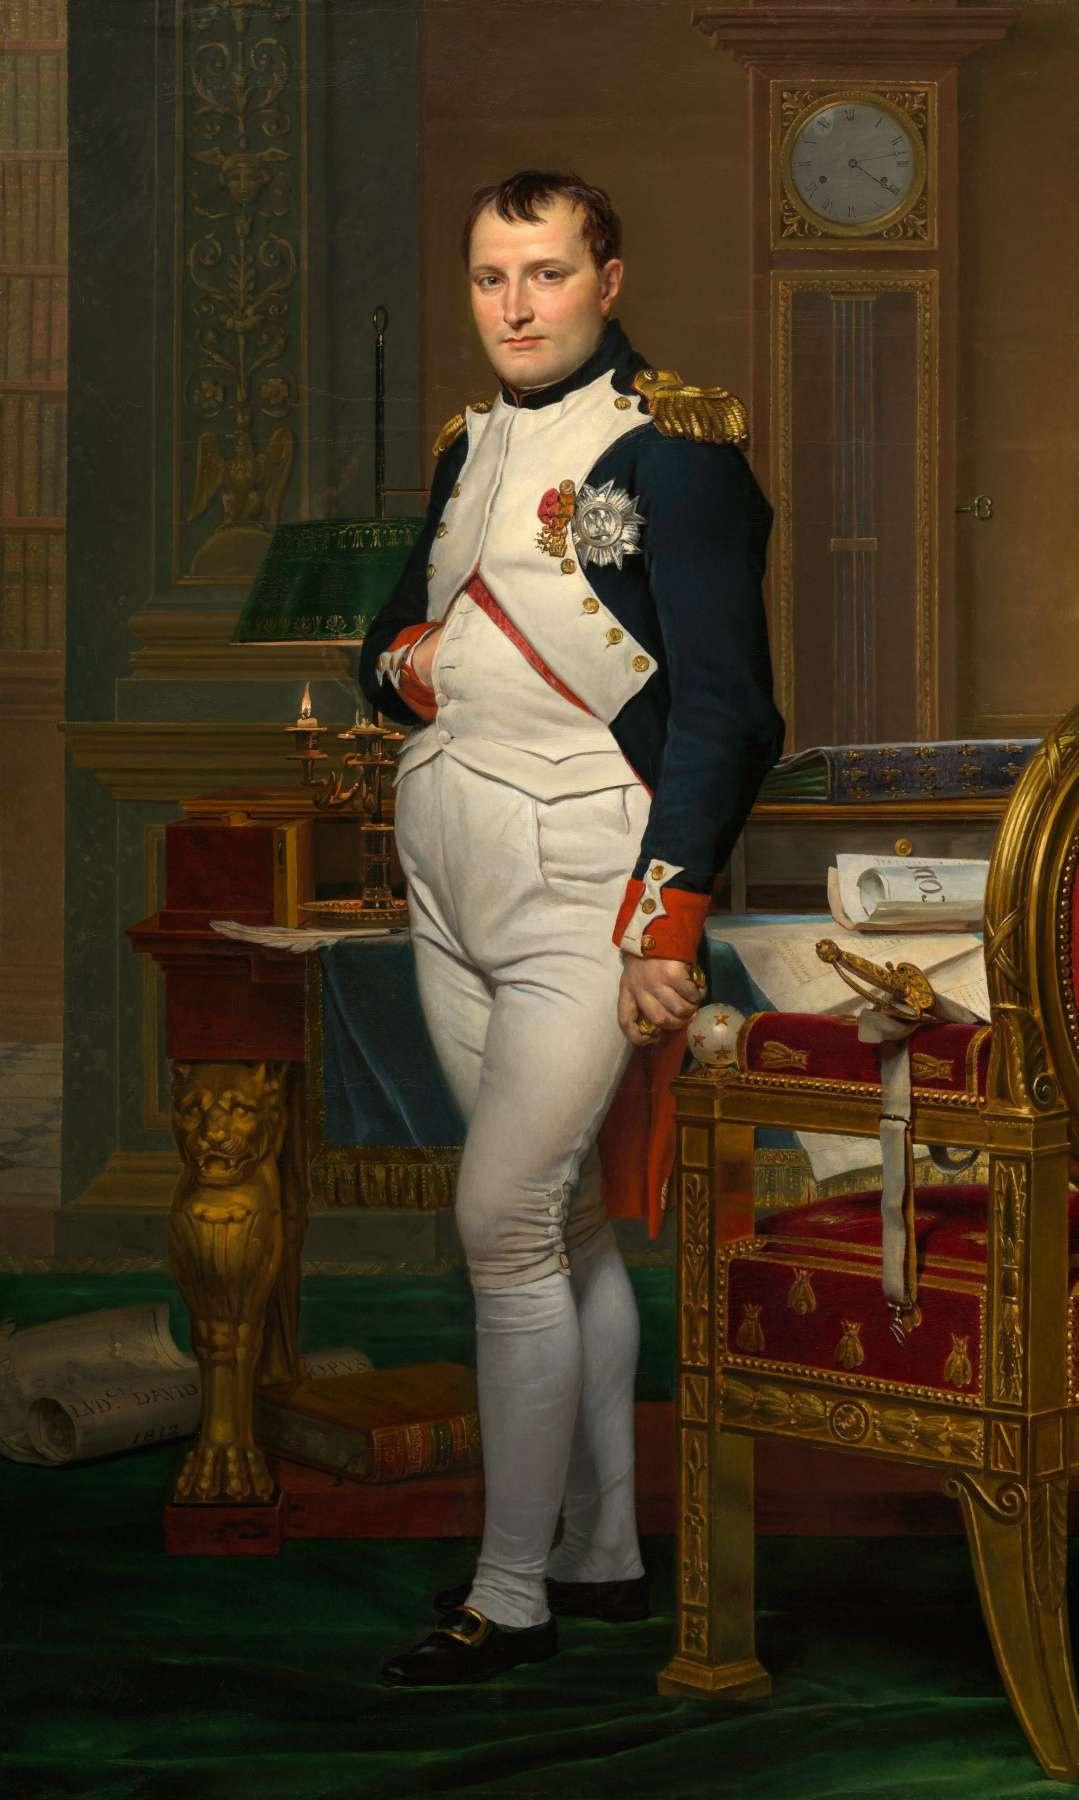 Жак-Луи Давид салған француз императоры Бірінші Наполеон Бонапарт